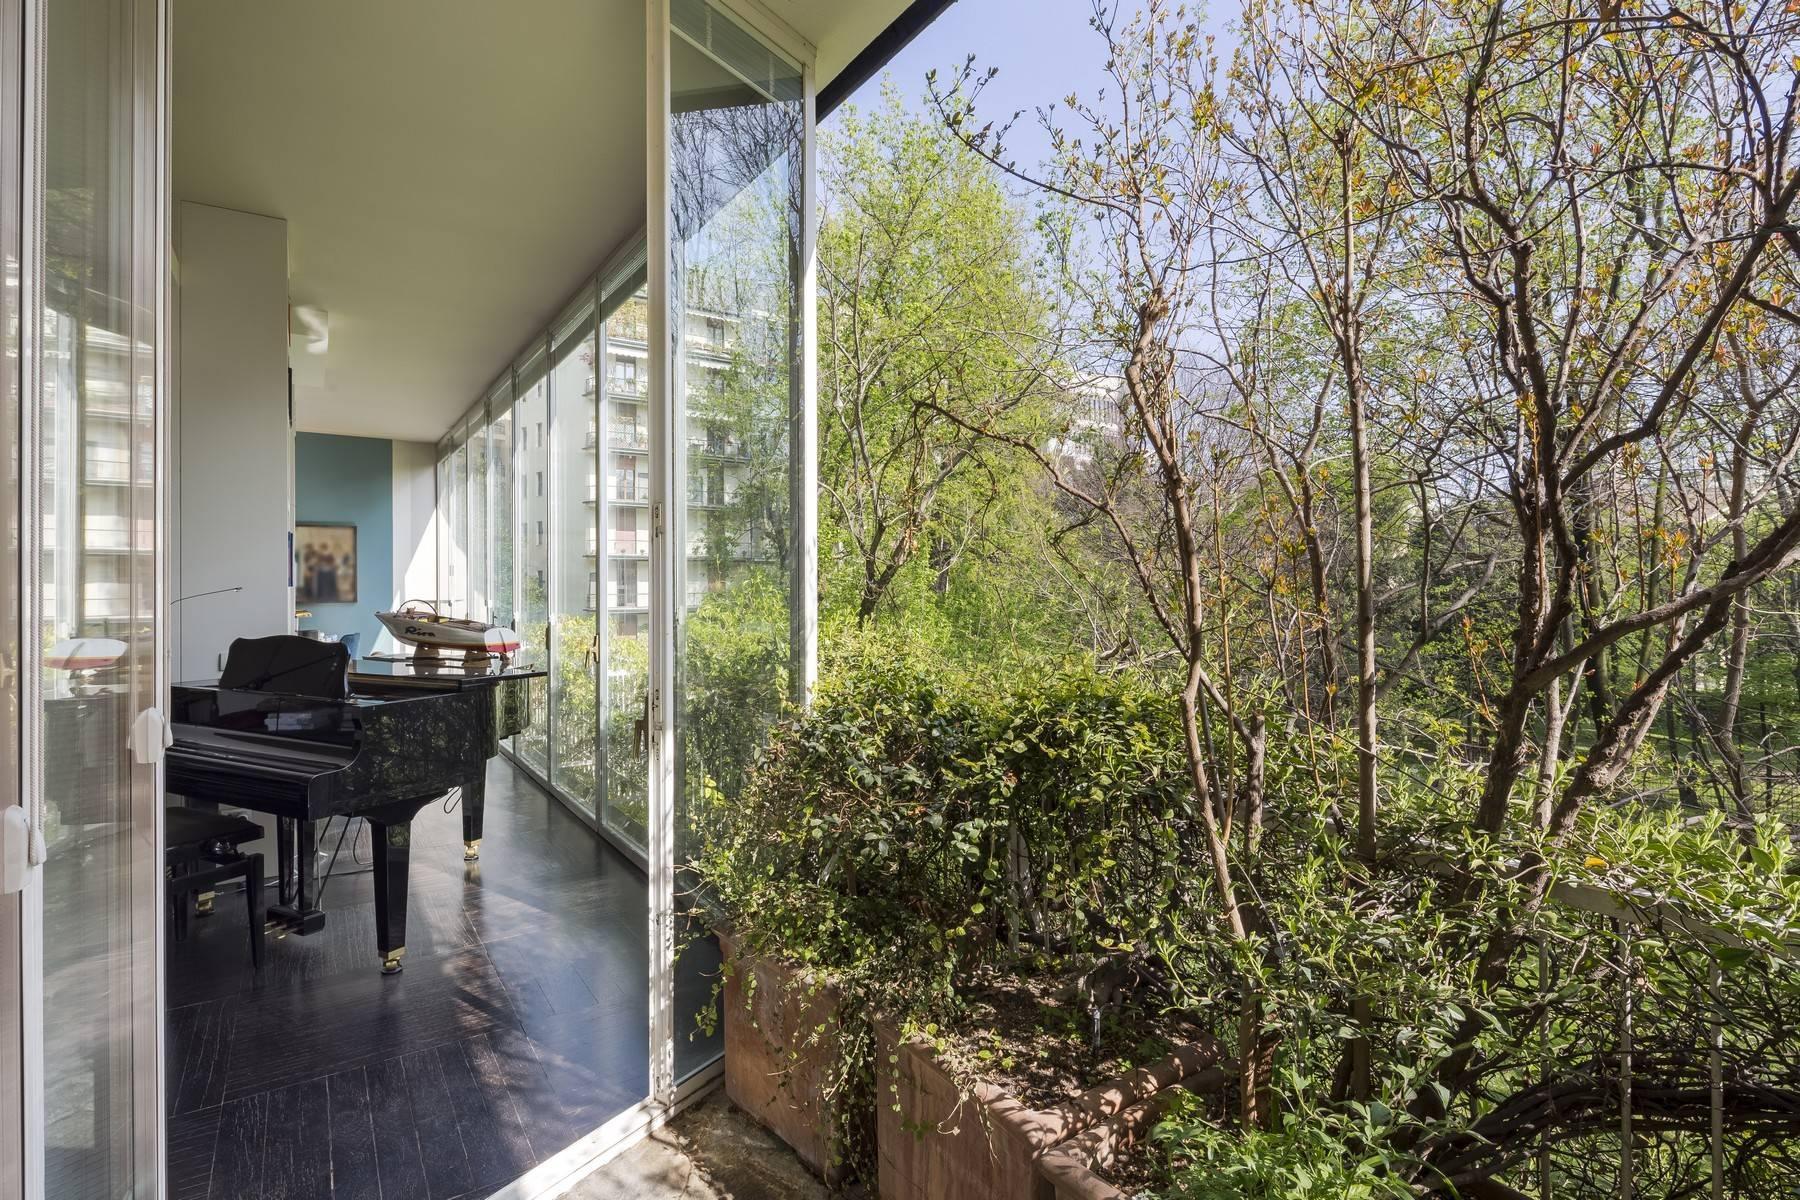 Magnifique appartement à louer d'environ 300 m² au coeur de Milan - 6